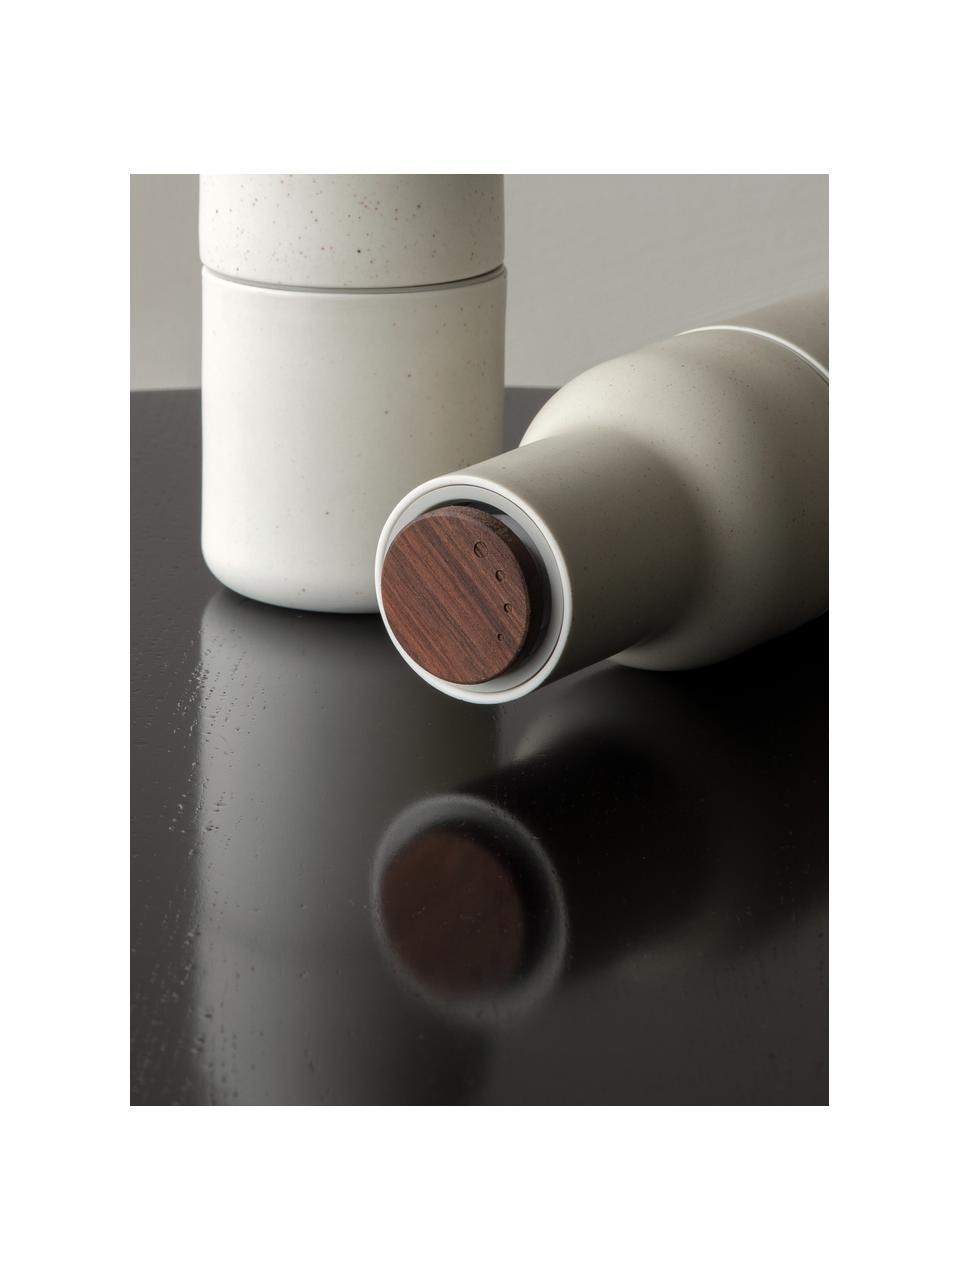 Designer Keramik-Salz- & Pfeffermühle Bottle Grinder in Beige mit Walnussholzdeckel, Korpus: Keramik, Mahlwerk: Keramik, Deckel: Walnussholz, Beigetöne, Ø 8 x H 21 cm